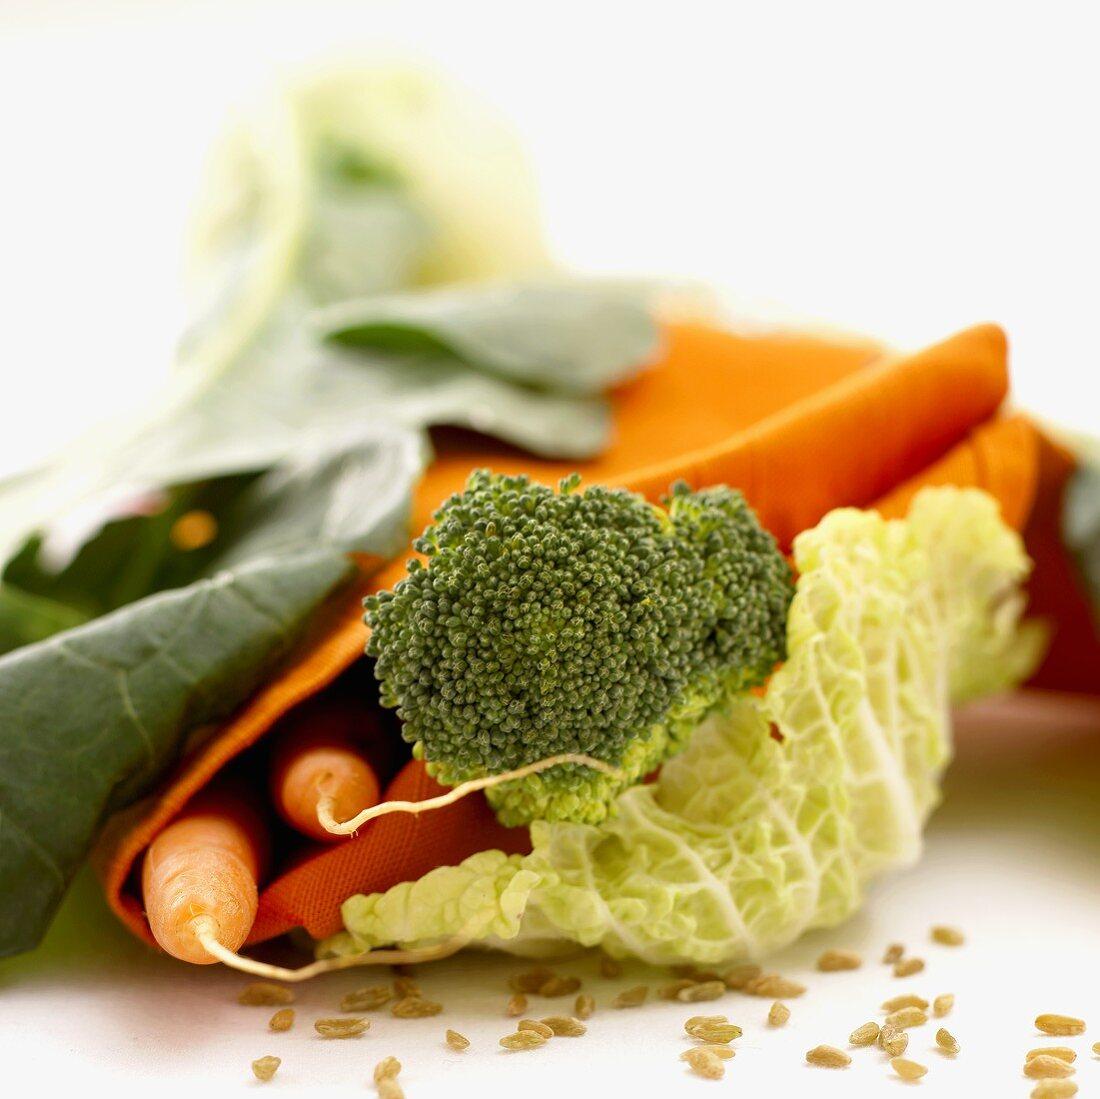 Carrots, various types of brassica & unripe spelt grains